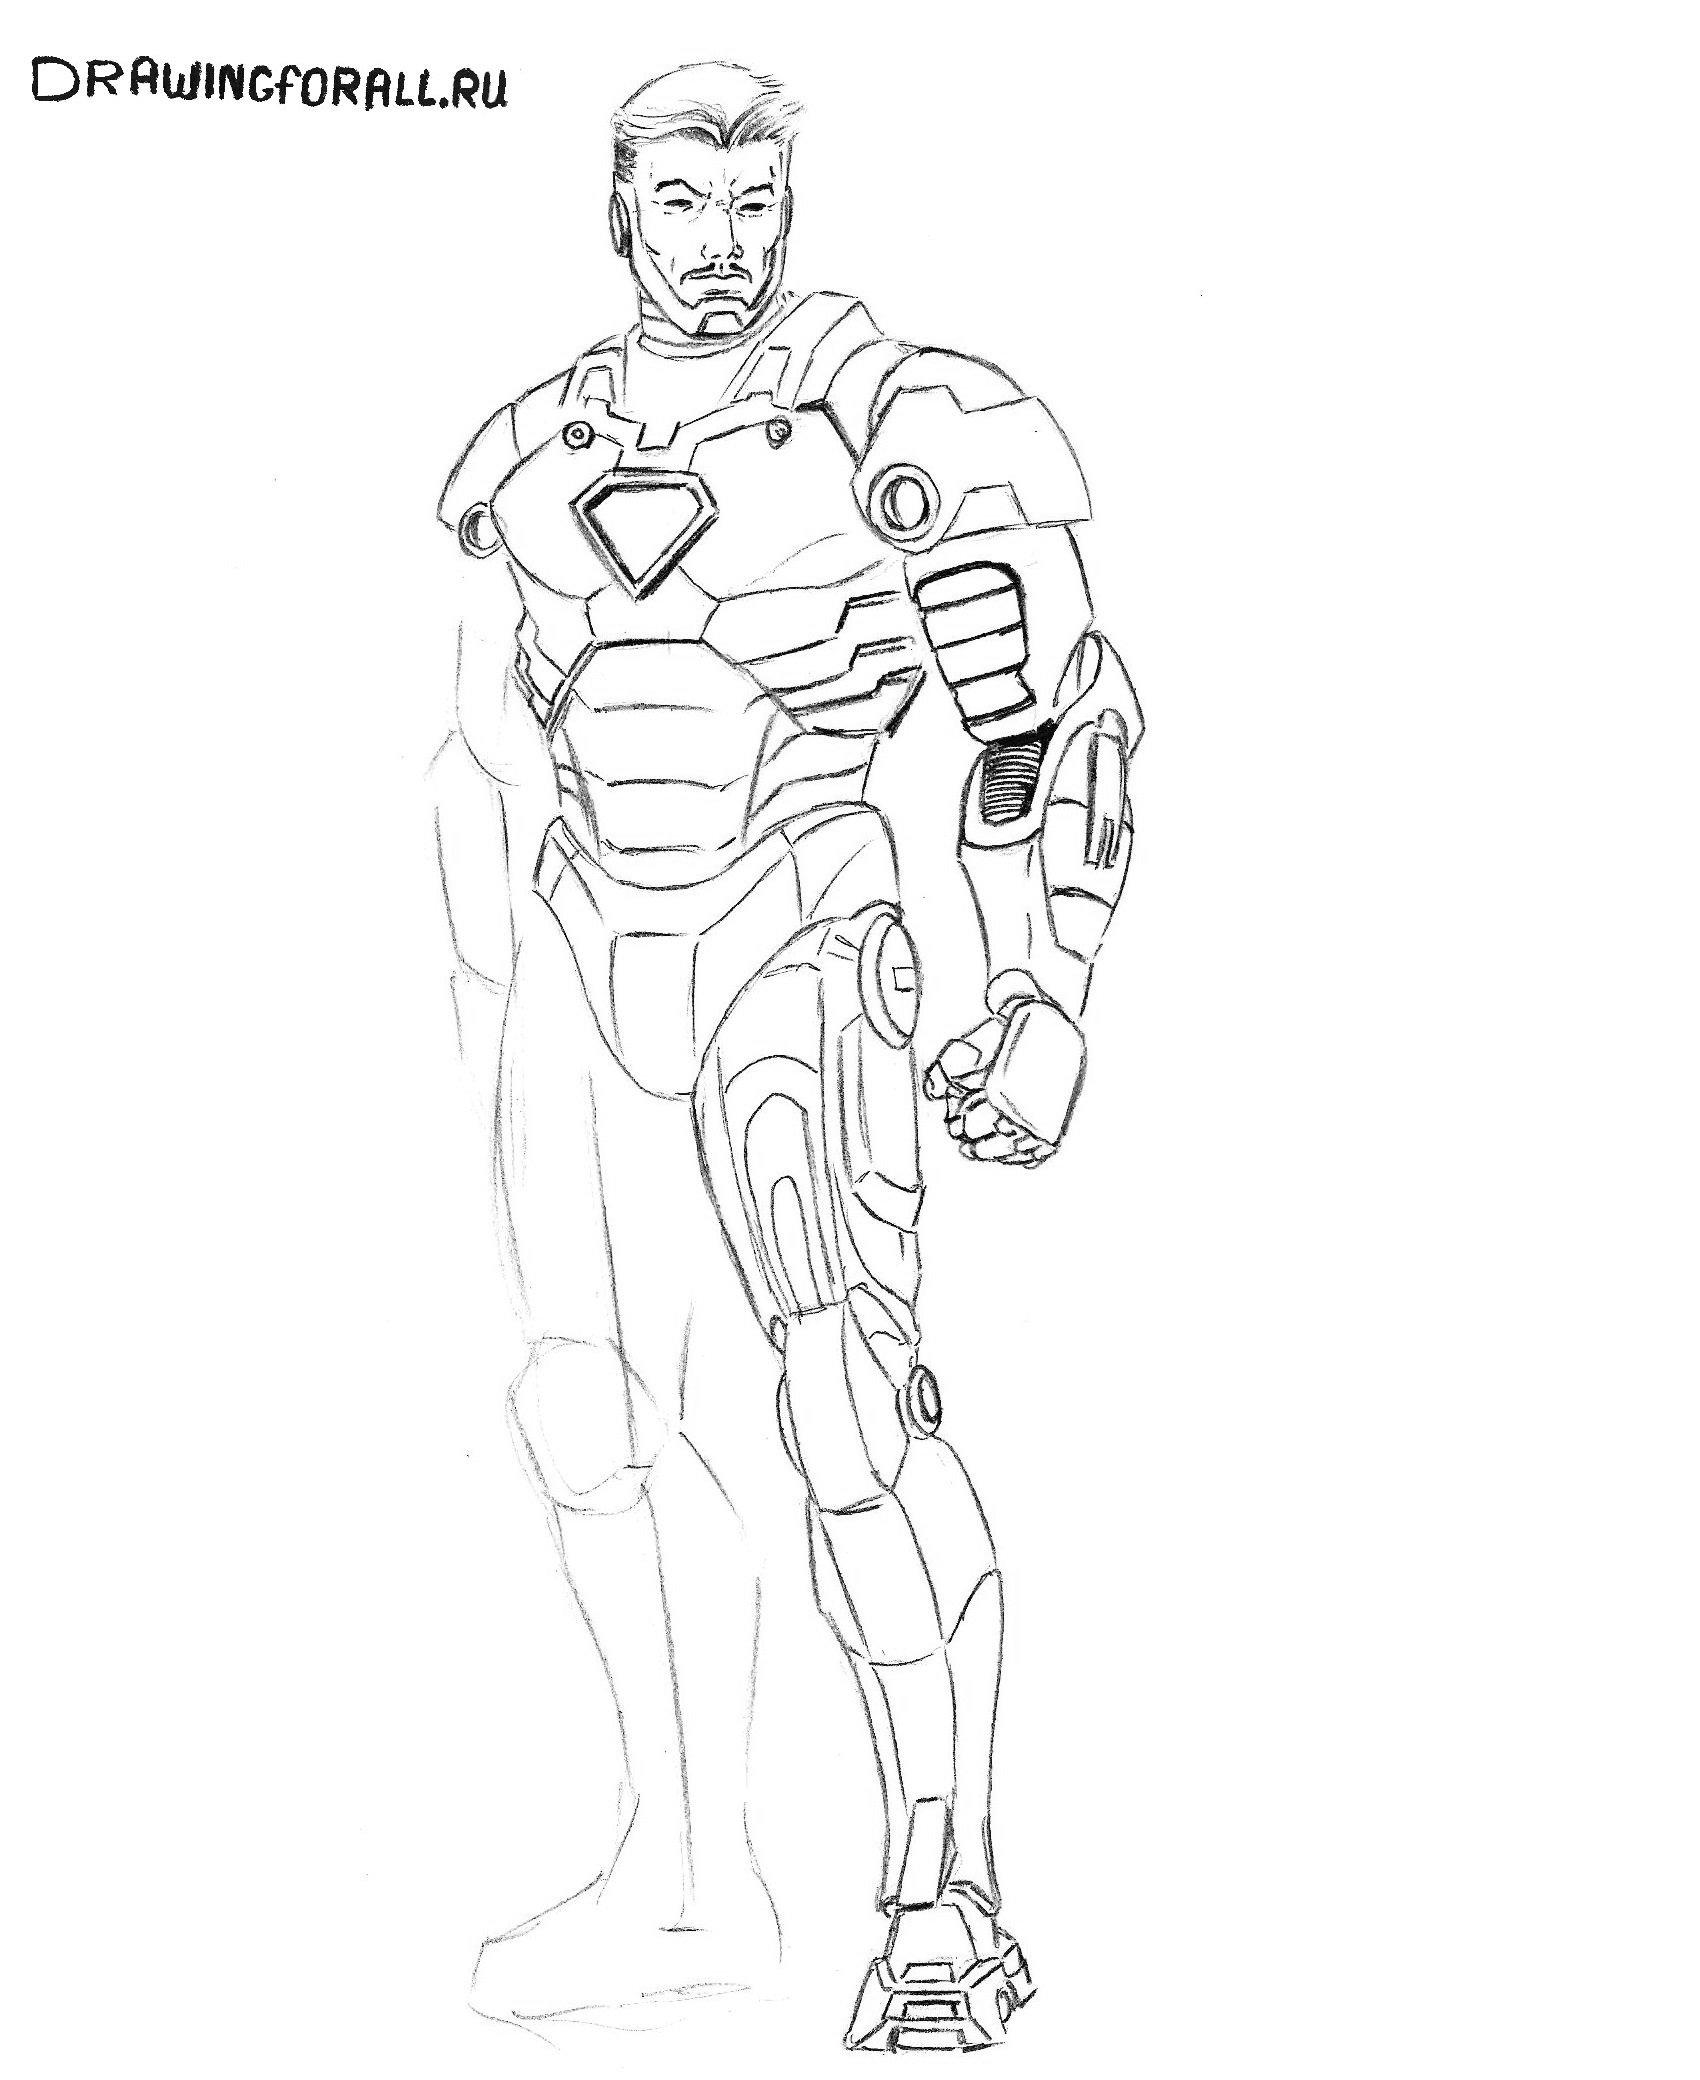 как правильно рисовать железного человека